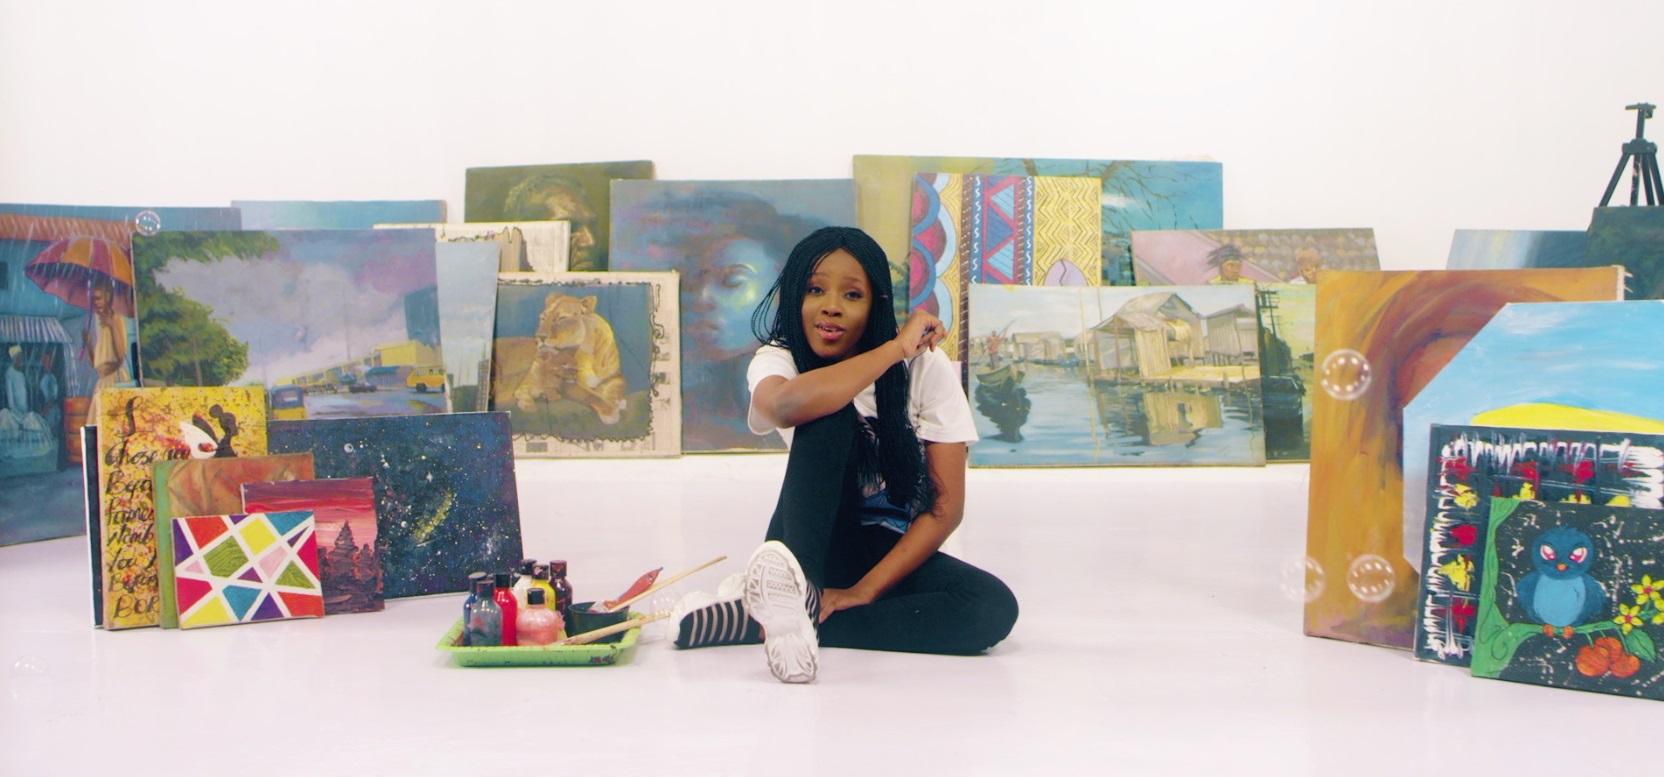 VIDEO: Iseoluwa - Yes I Can